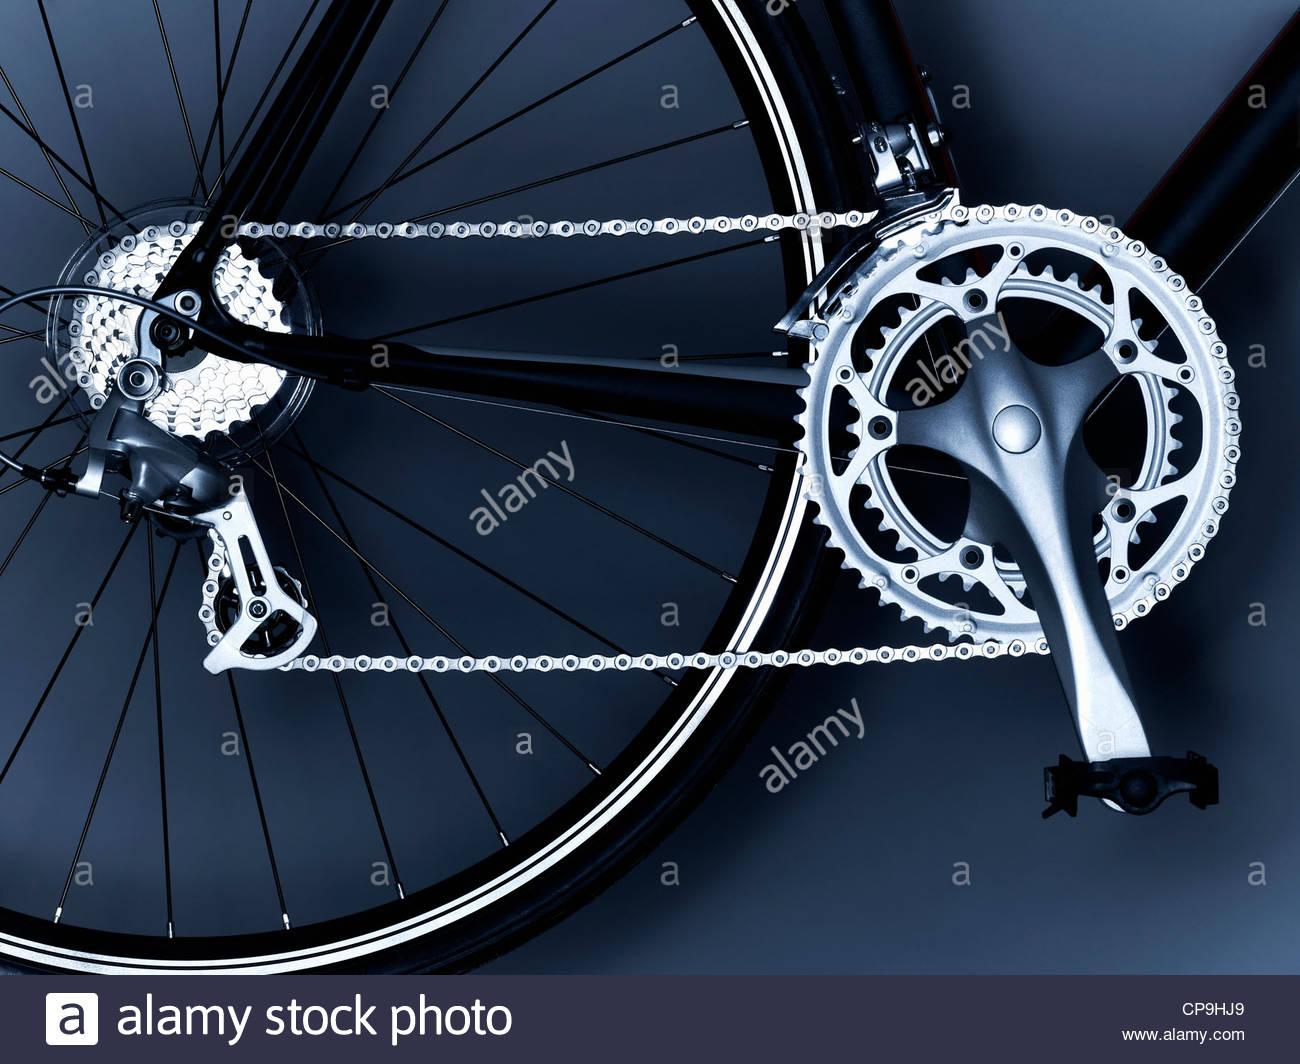 Fahrrad, Fahrradkette, Fahrrad-Ausrüstung, Fahrrad-Rad, schwarz und weiß, Kette, Nahaufnahme, Zahnrad, Stockbild